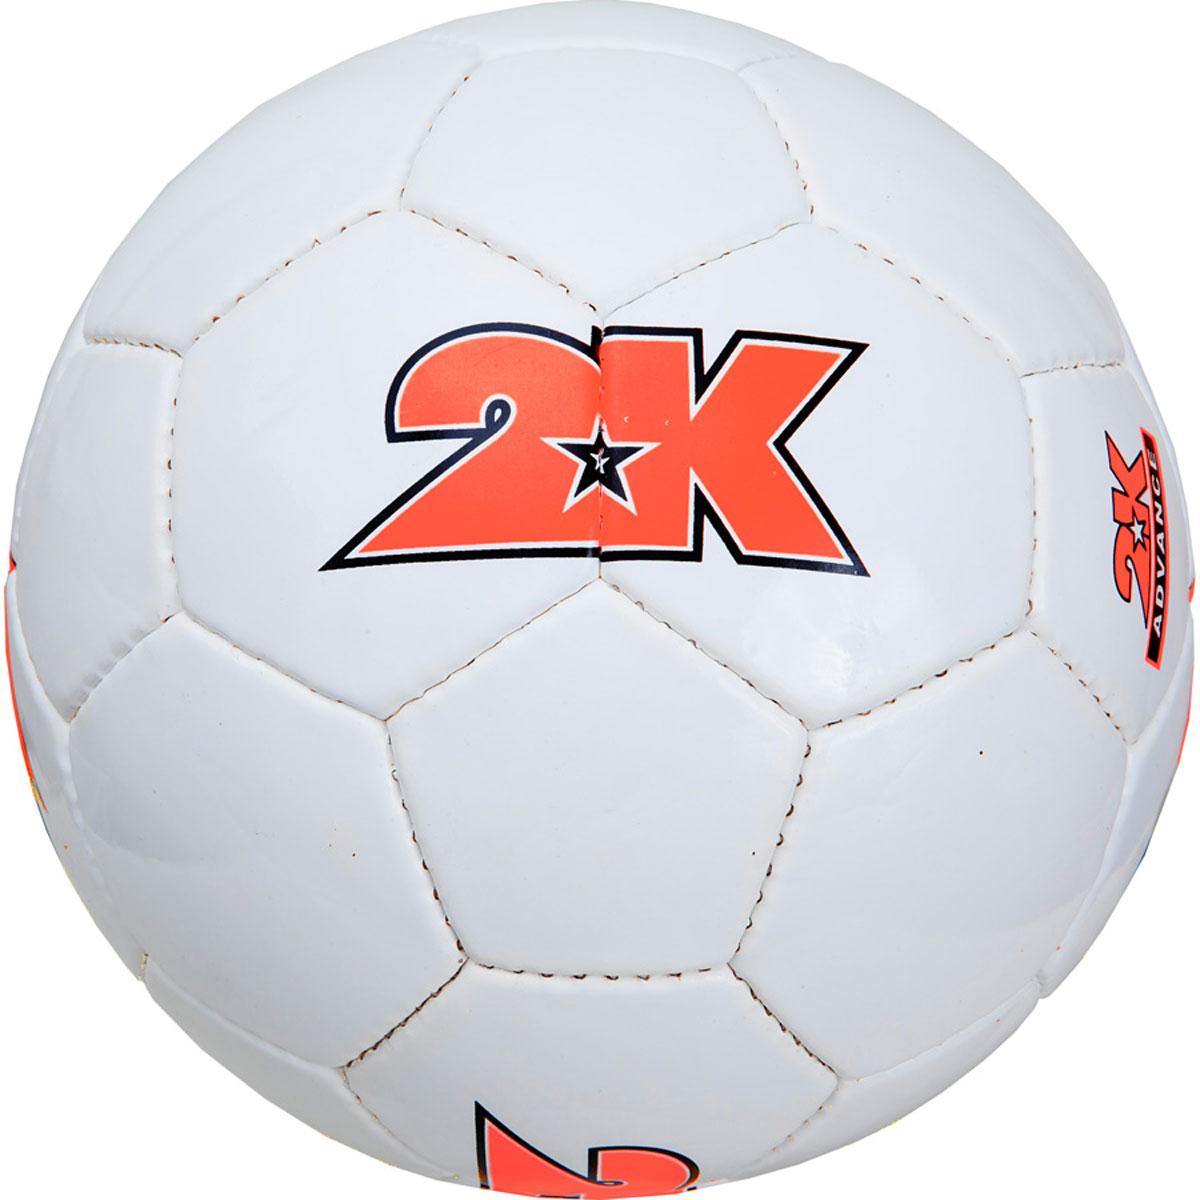 Мяч футбольный 2K Sport Advance, цвет: белый, оранжевый. Размер 5 купить паяльную станцию lukey 702 в украине